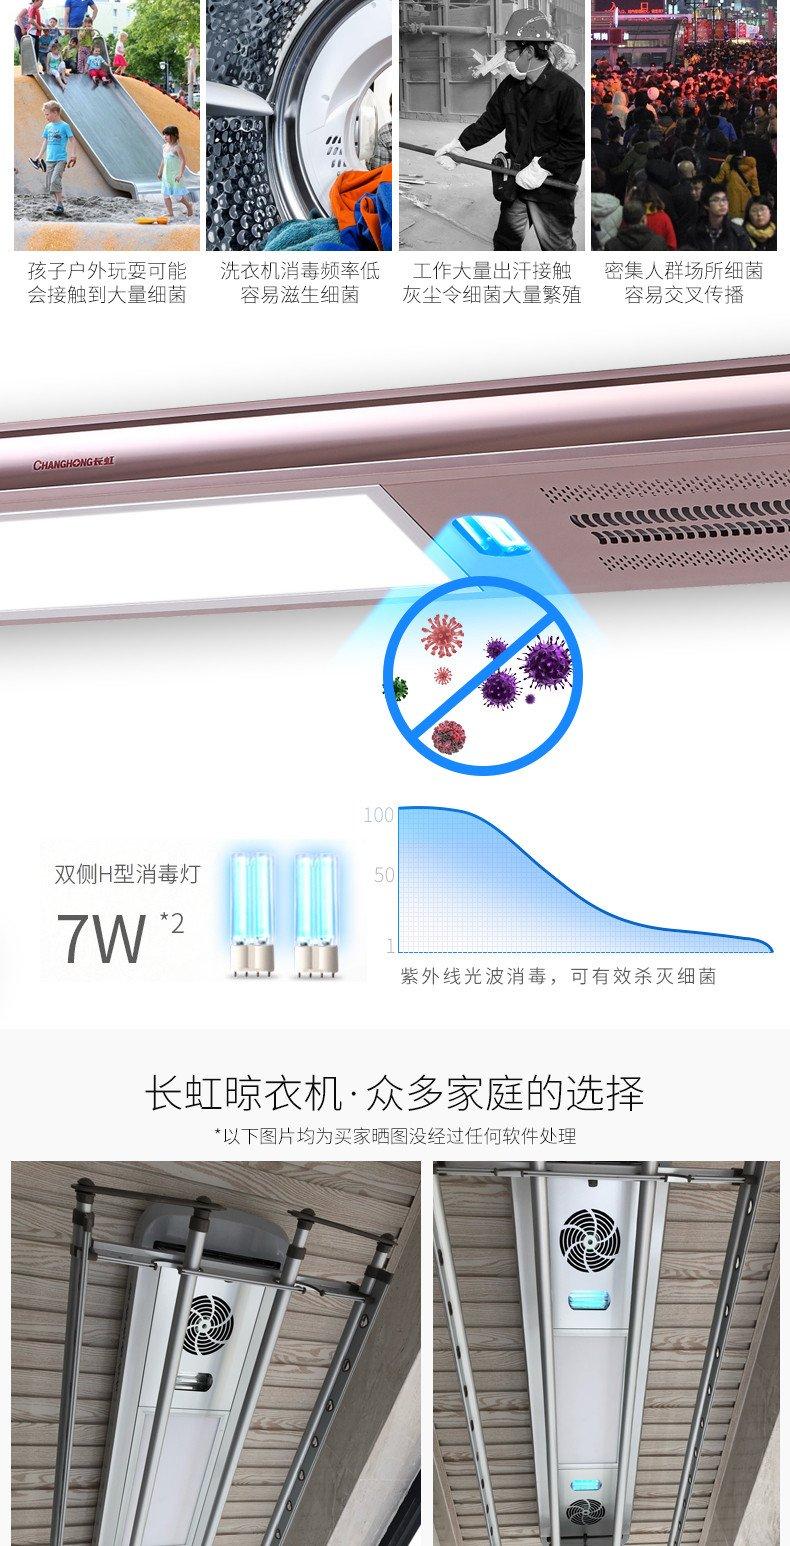 长虹智能晾衣机  智能自动遥控升降吊顶伸缩晒衣杆机效果图